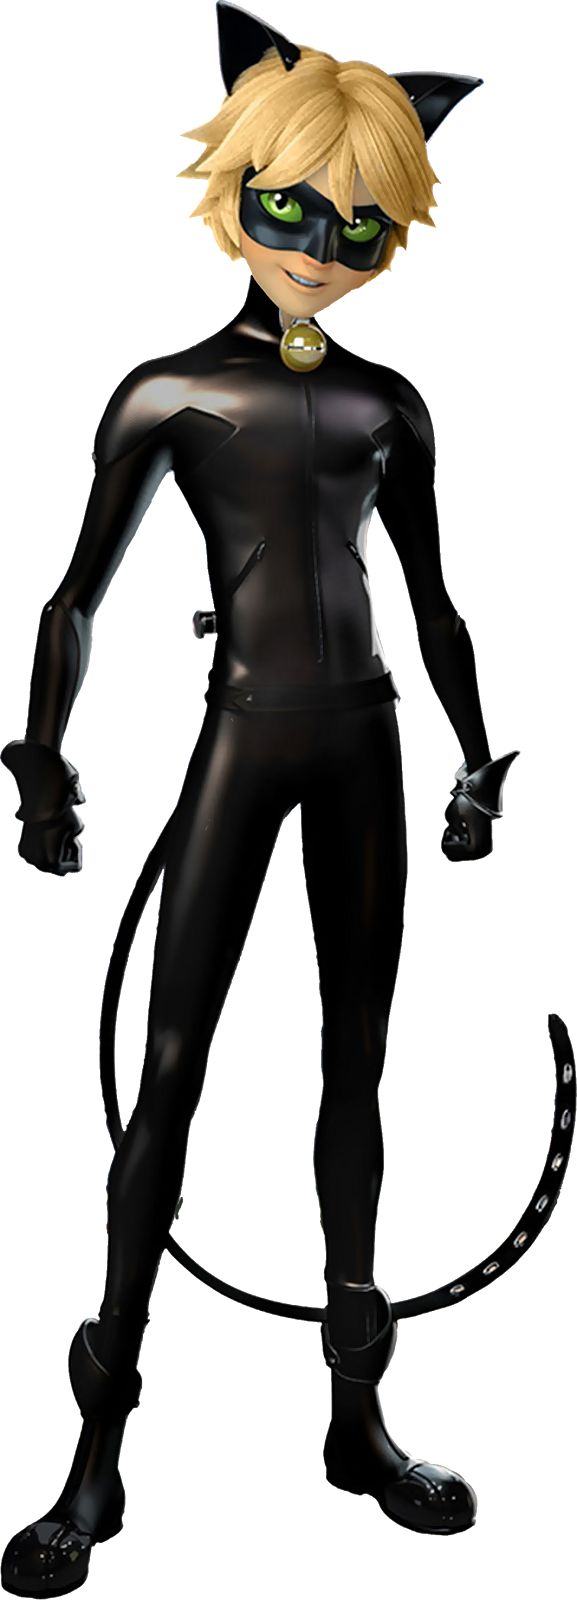 cat+noir.png (577×1600)